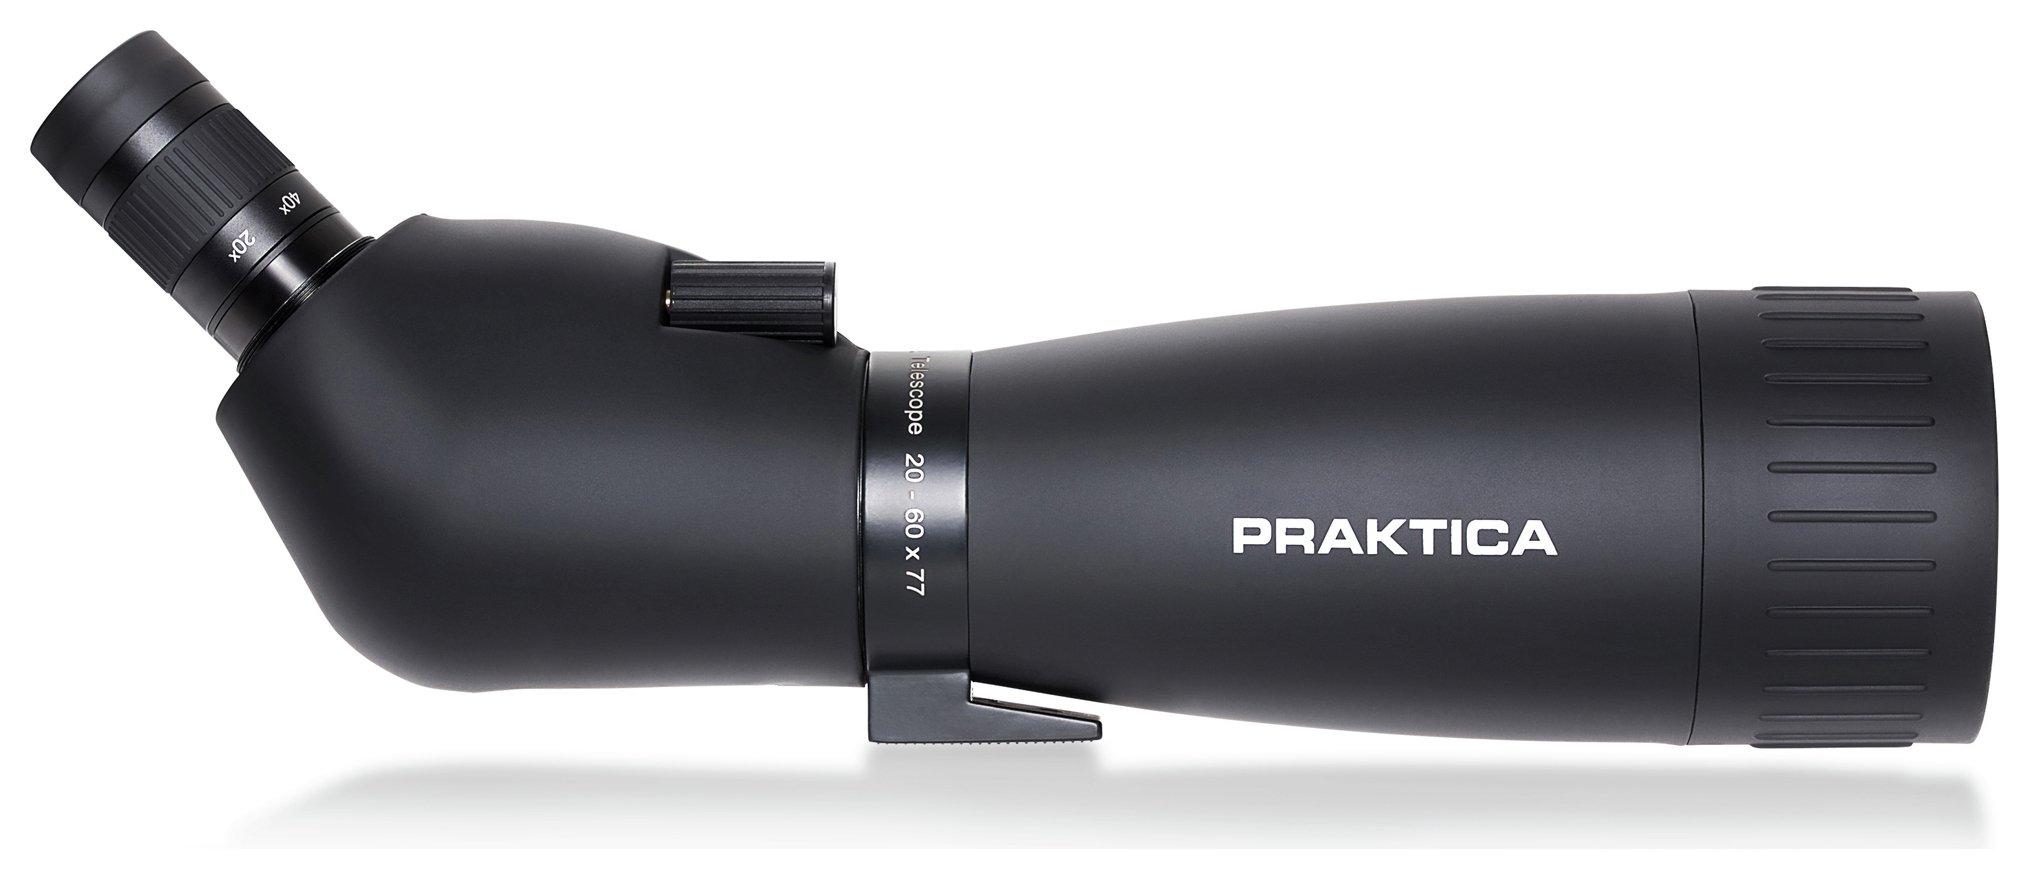 Praktica - Waterproof Spotting Scope 20-60x77mm